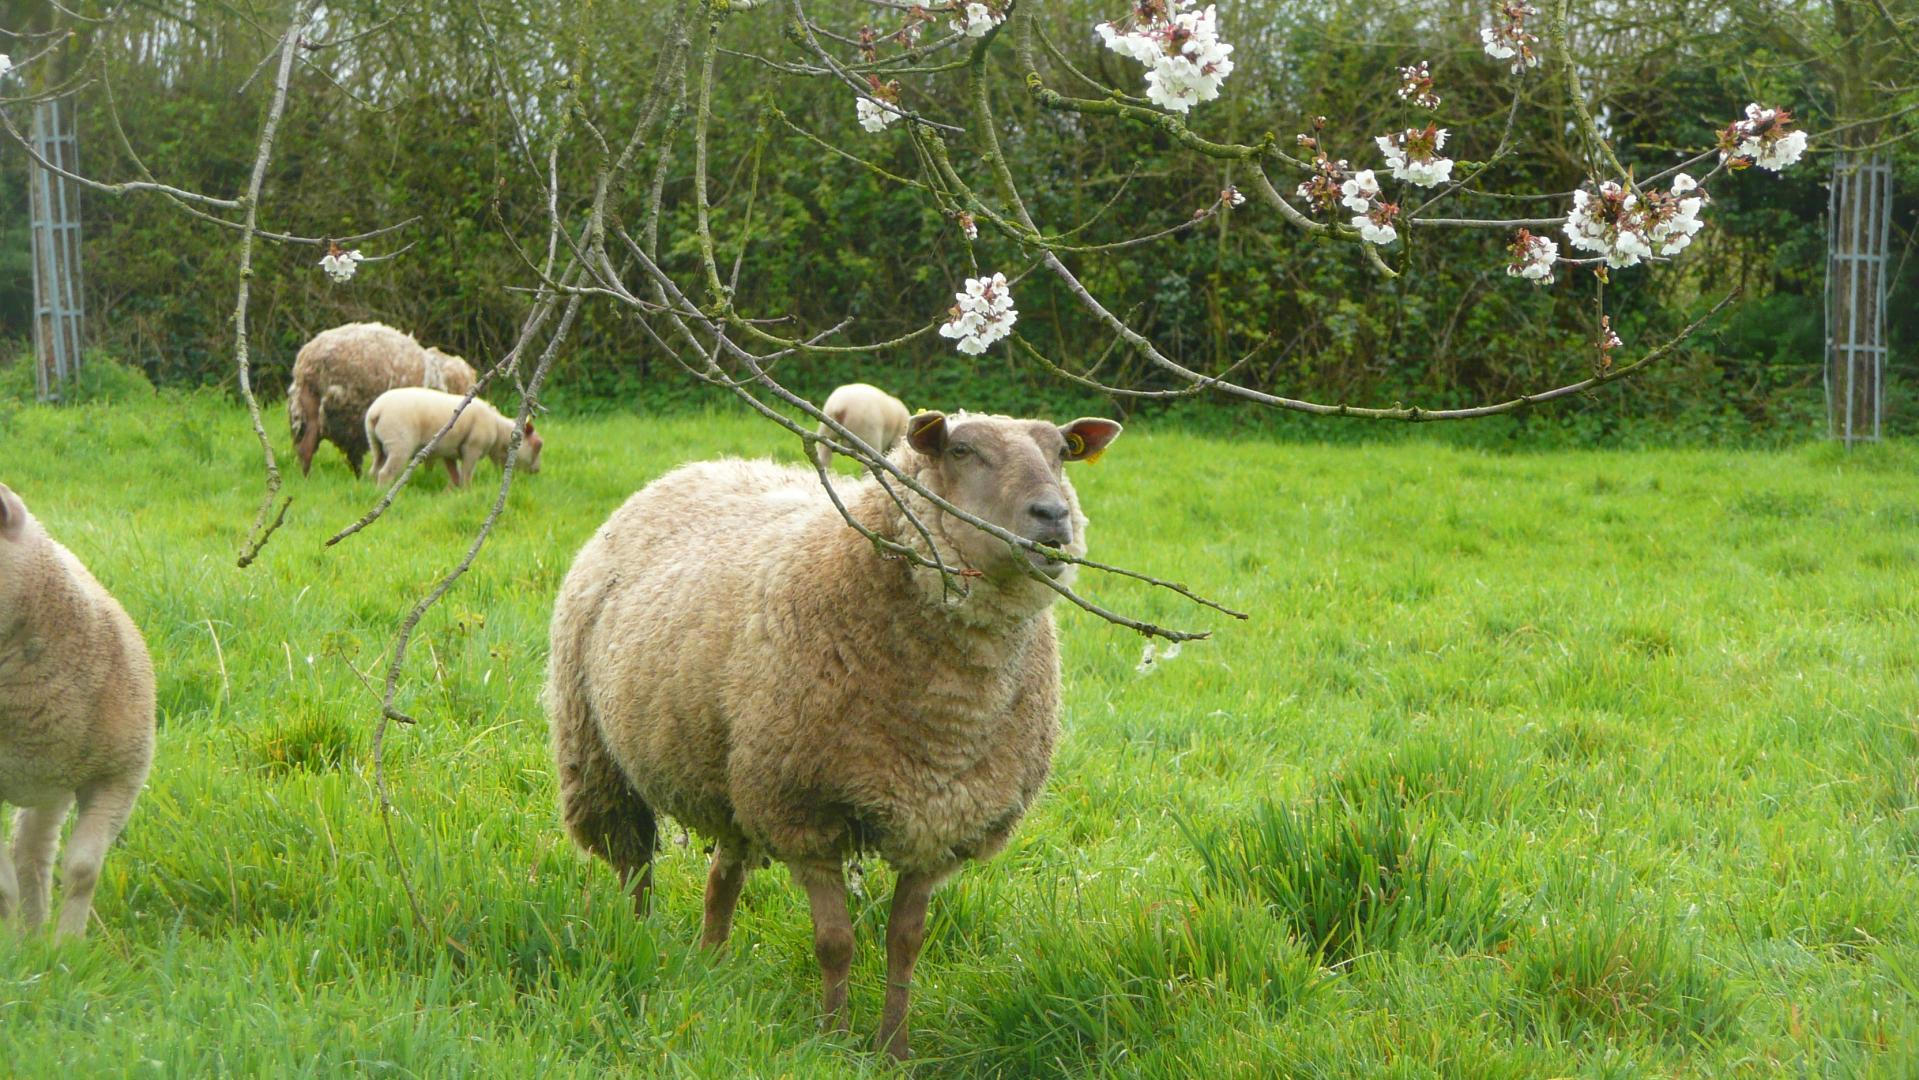 Les moutons paissent dans le verger